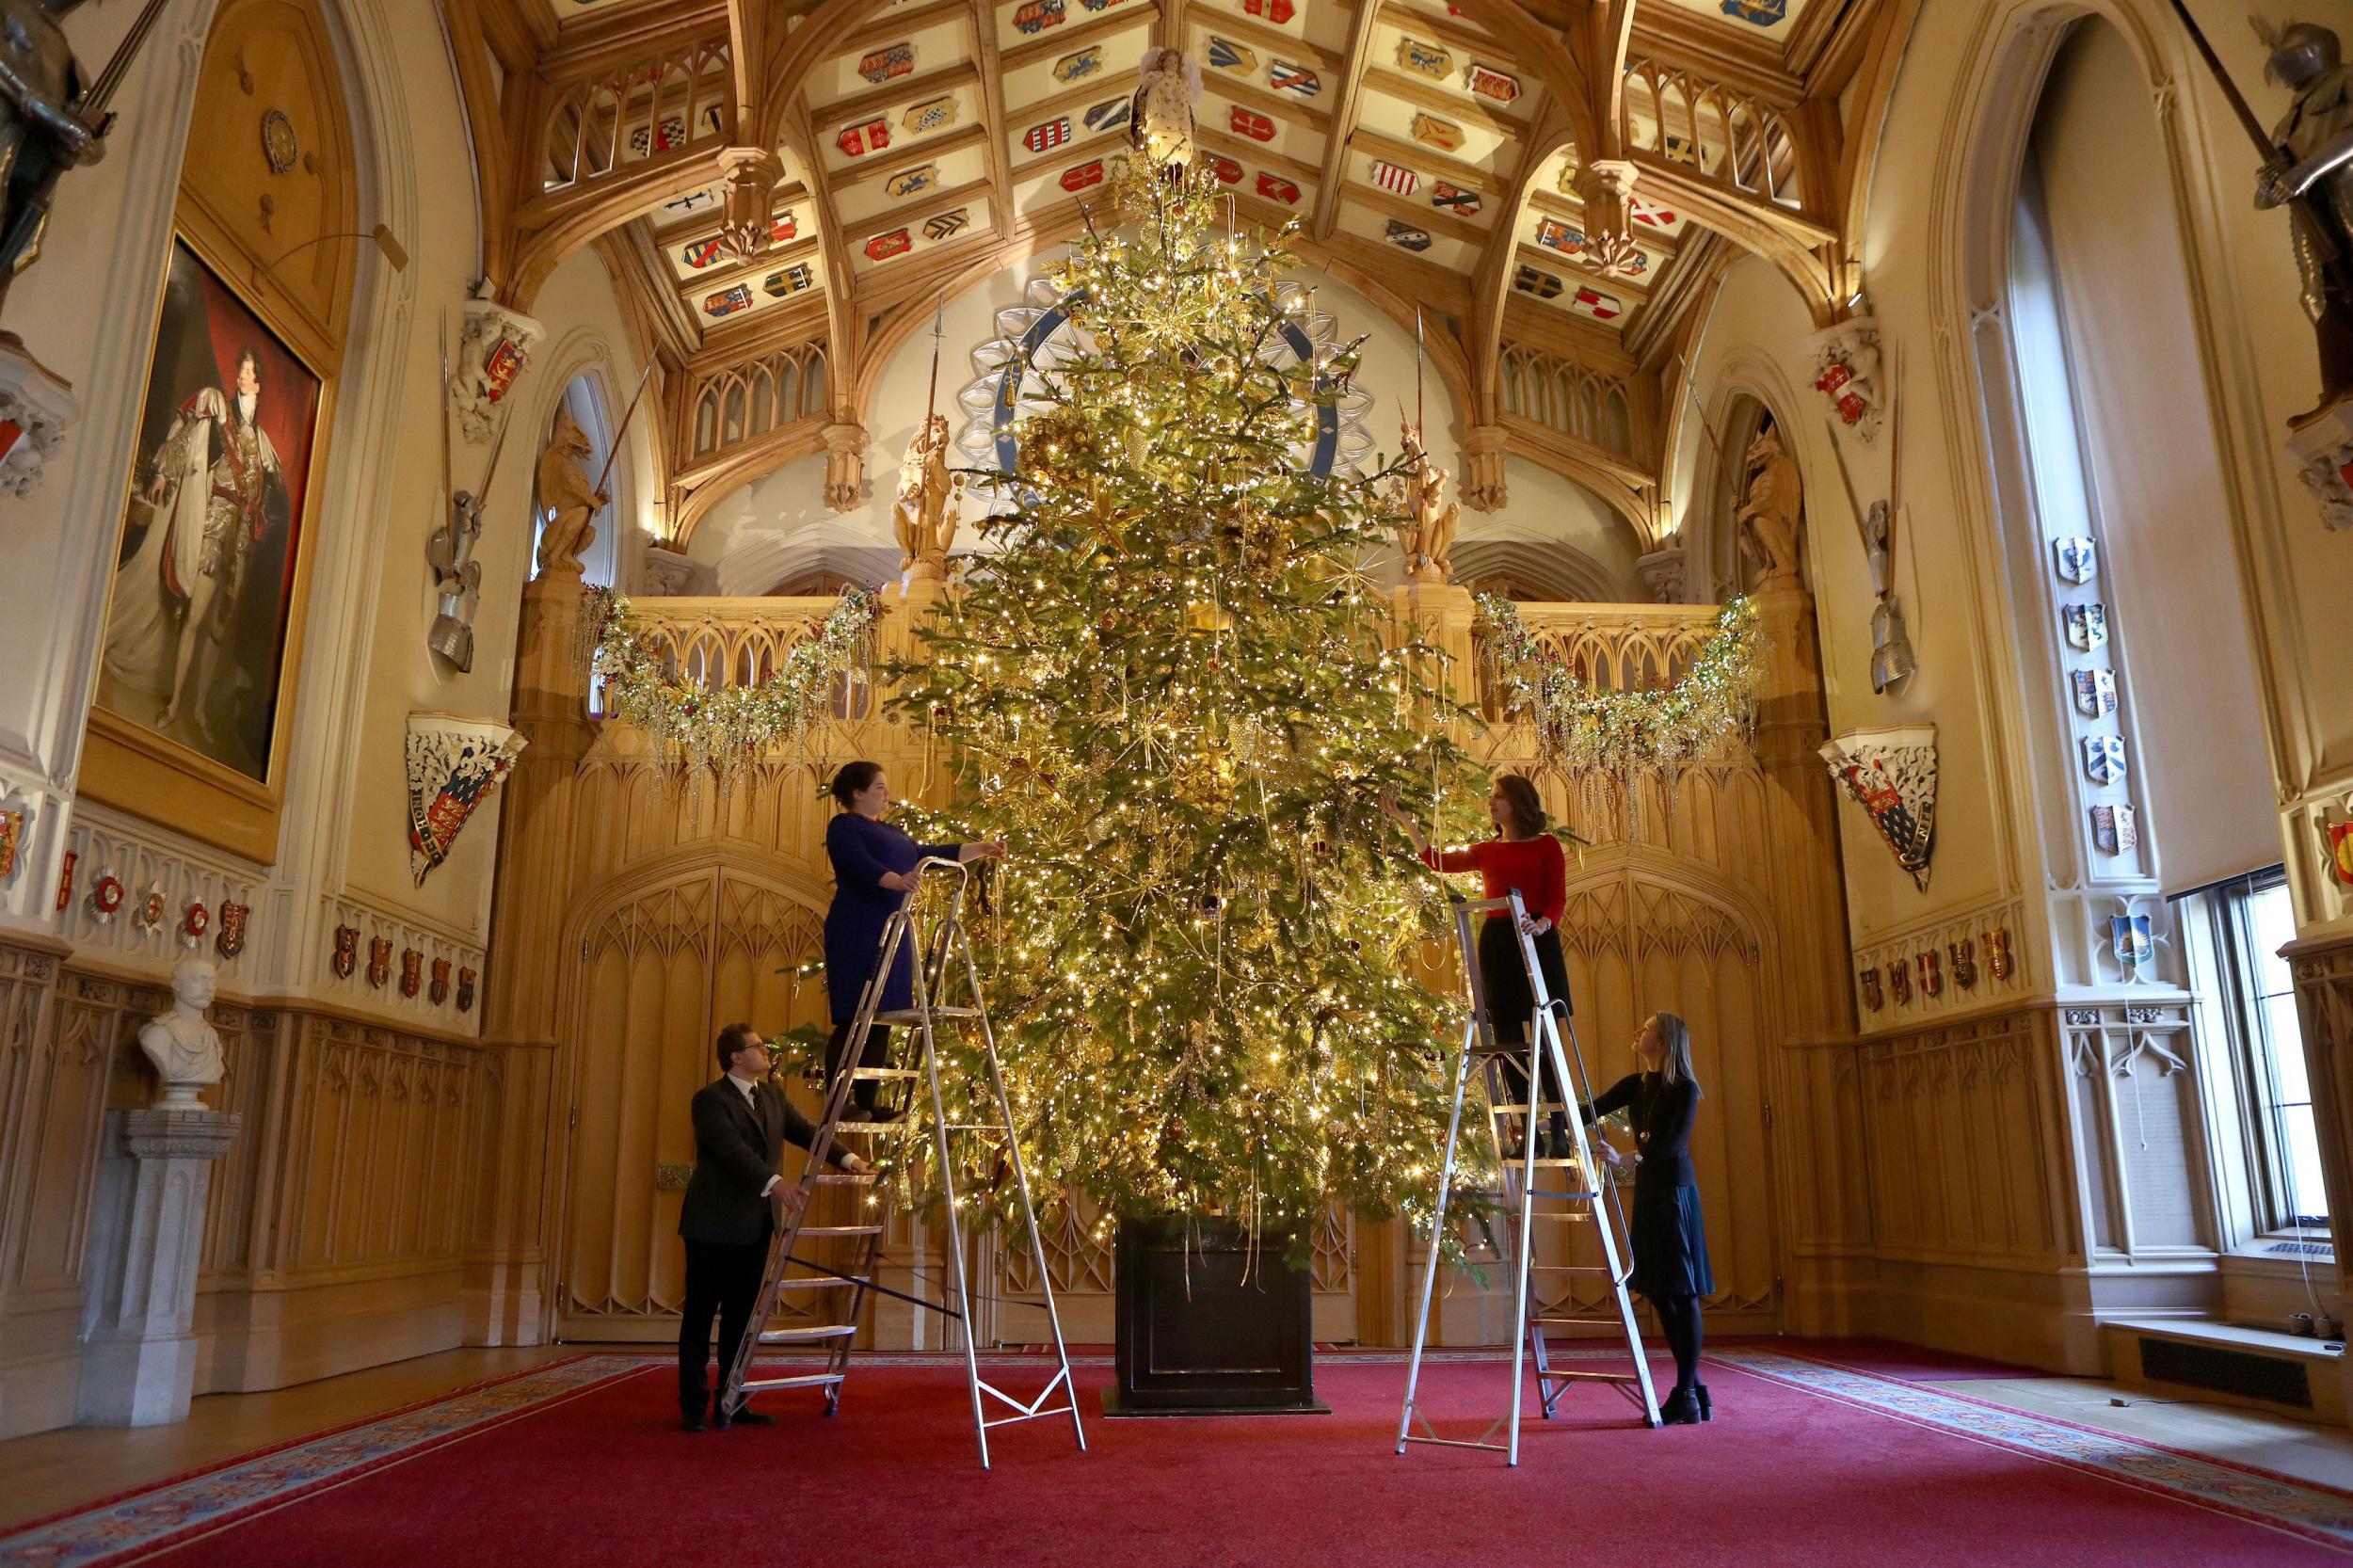 El árbol de Navidad del Castillo de Windsor en 2017.